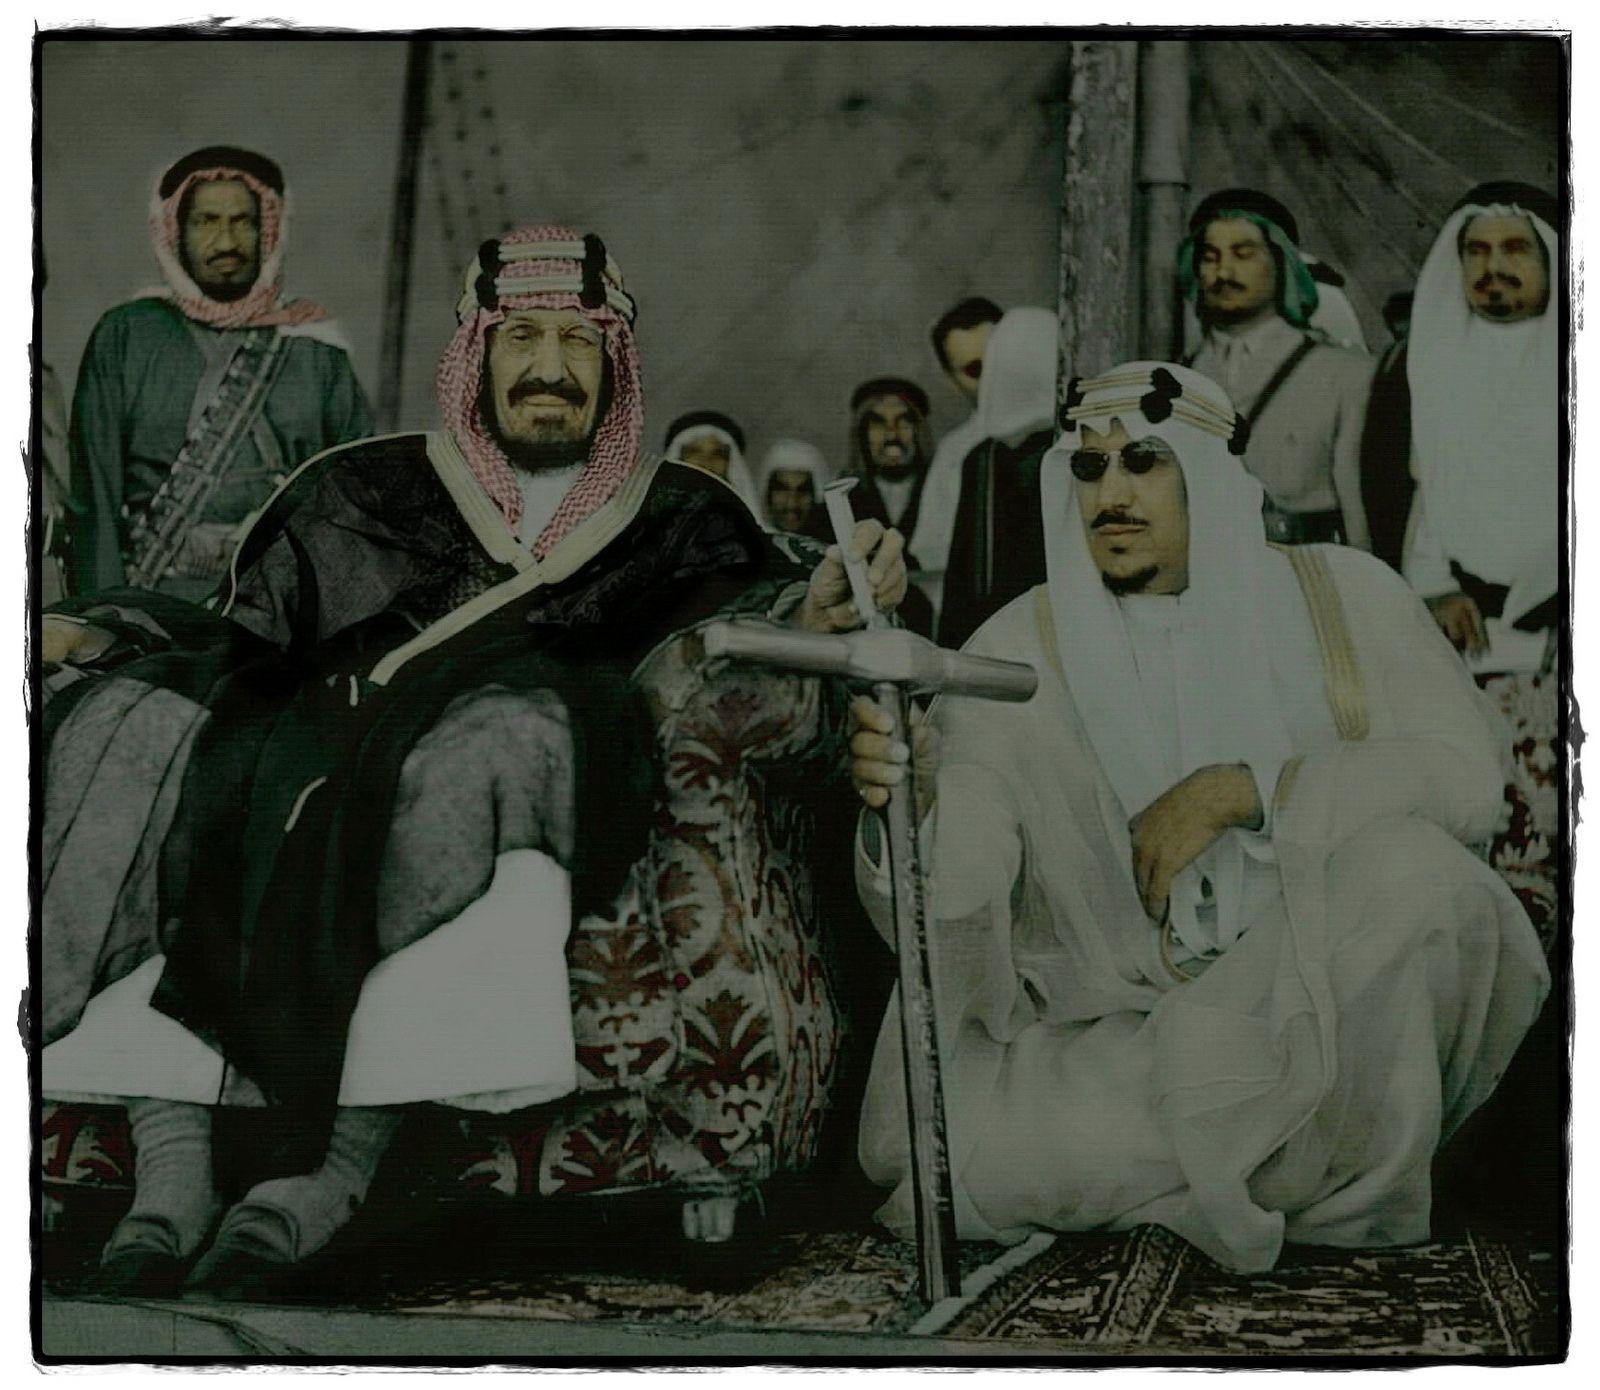 الملك عبدالعزيز والملك سعود بن عبدالعزيز Saudi Arabia Culture